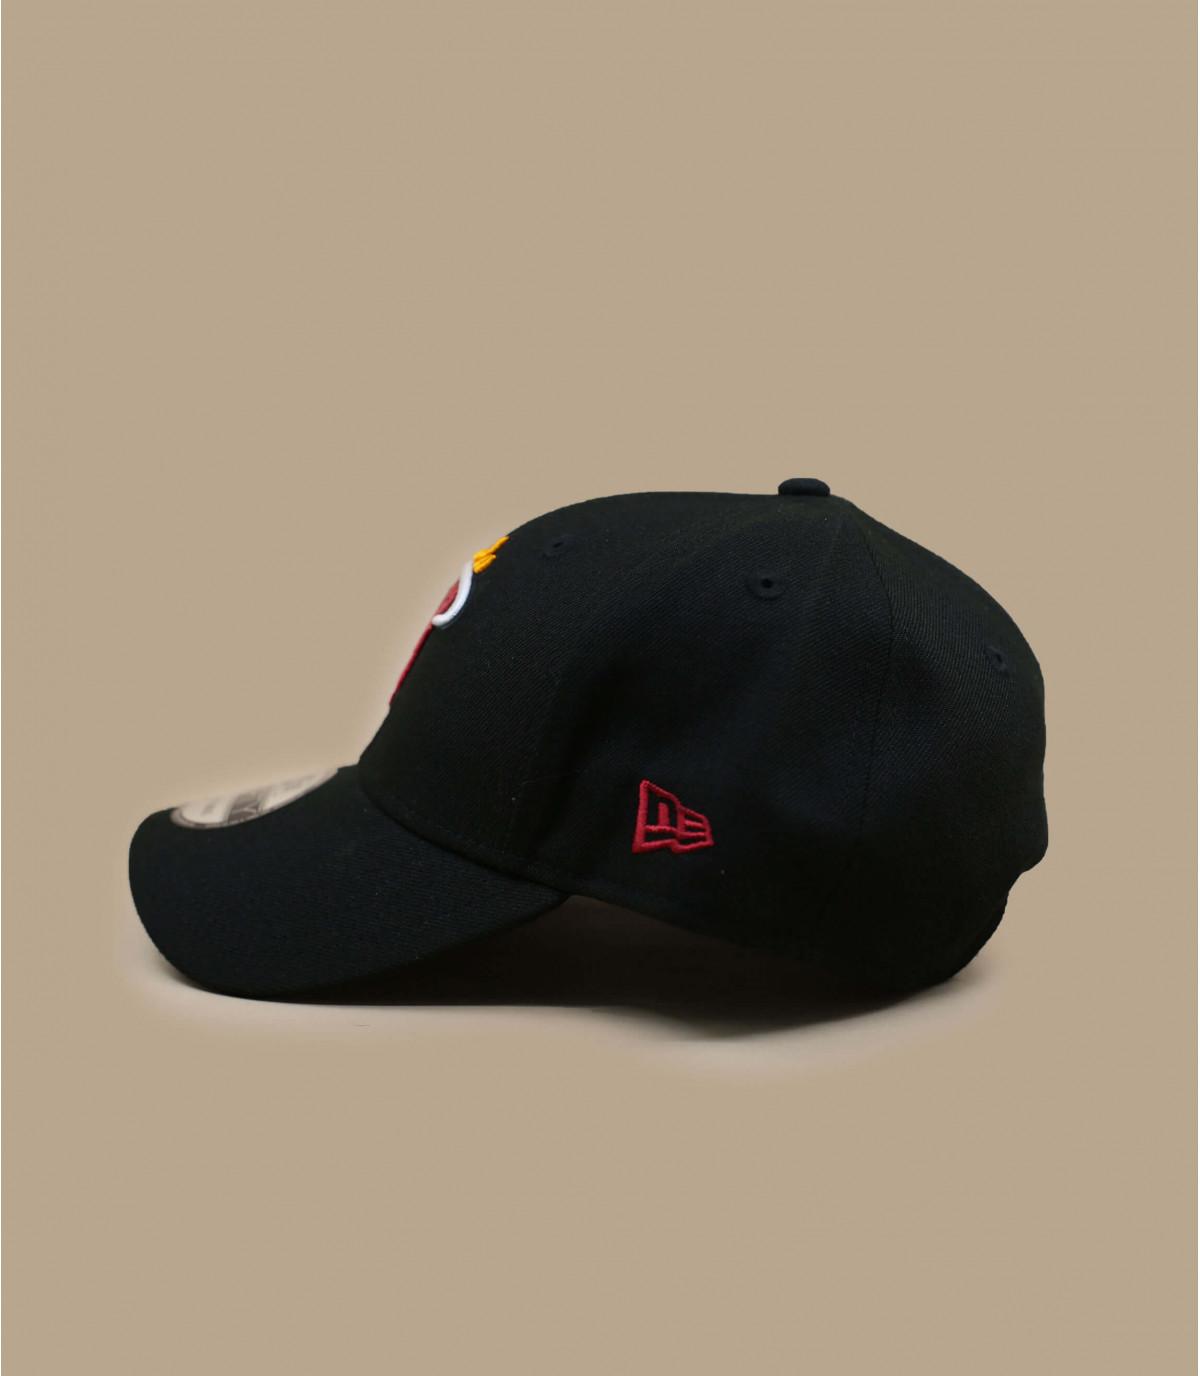 NBA Heat cap nero